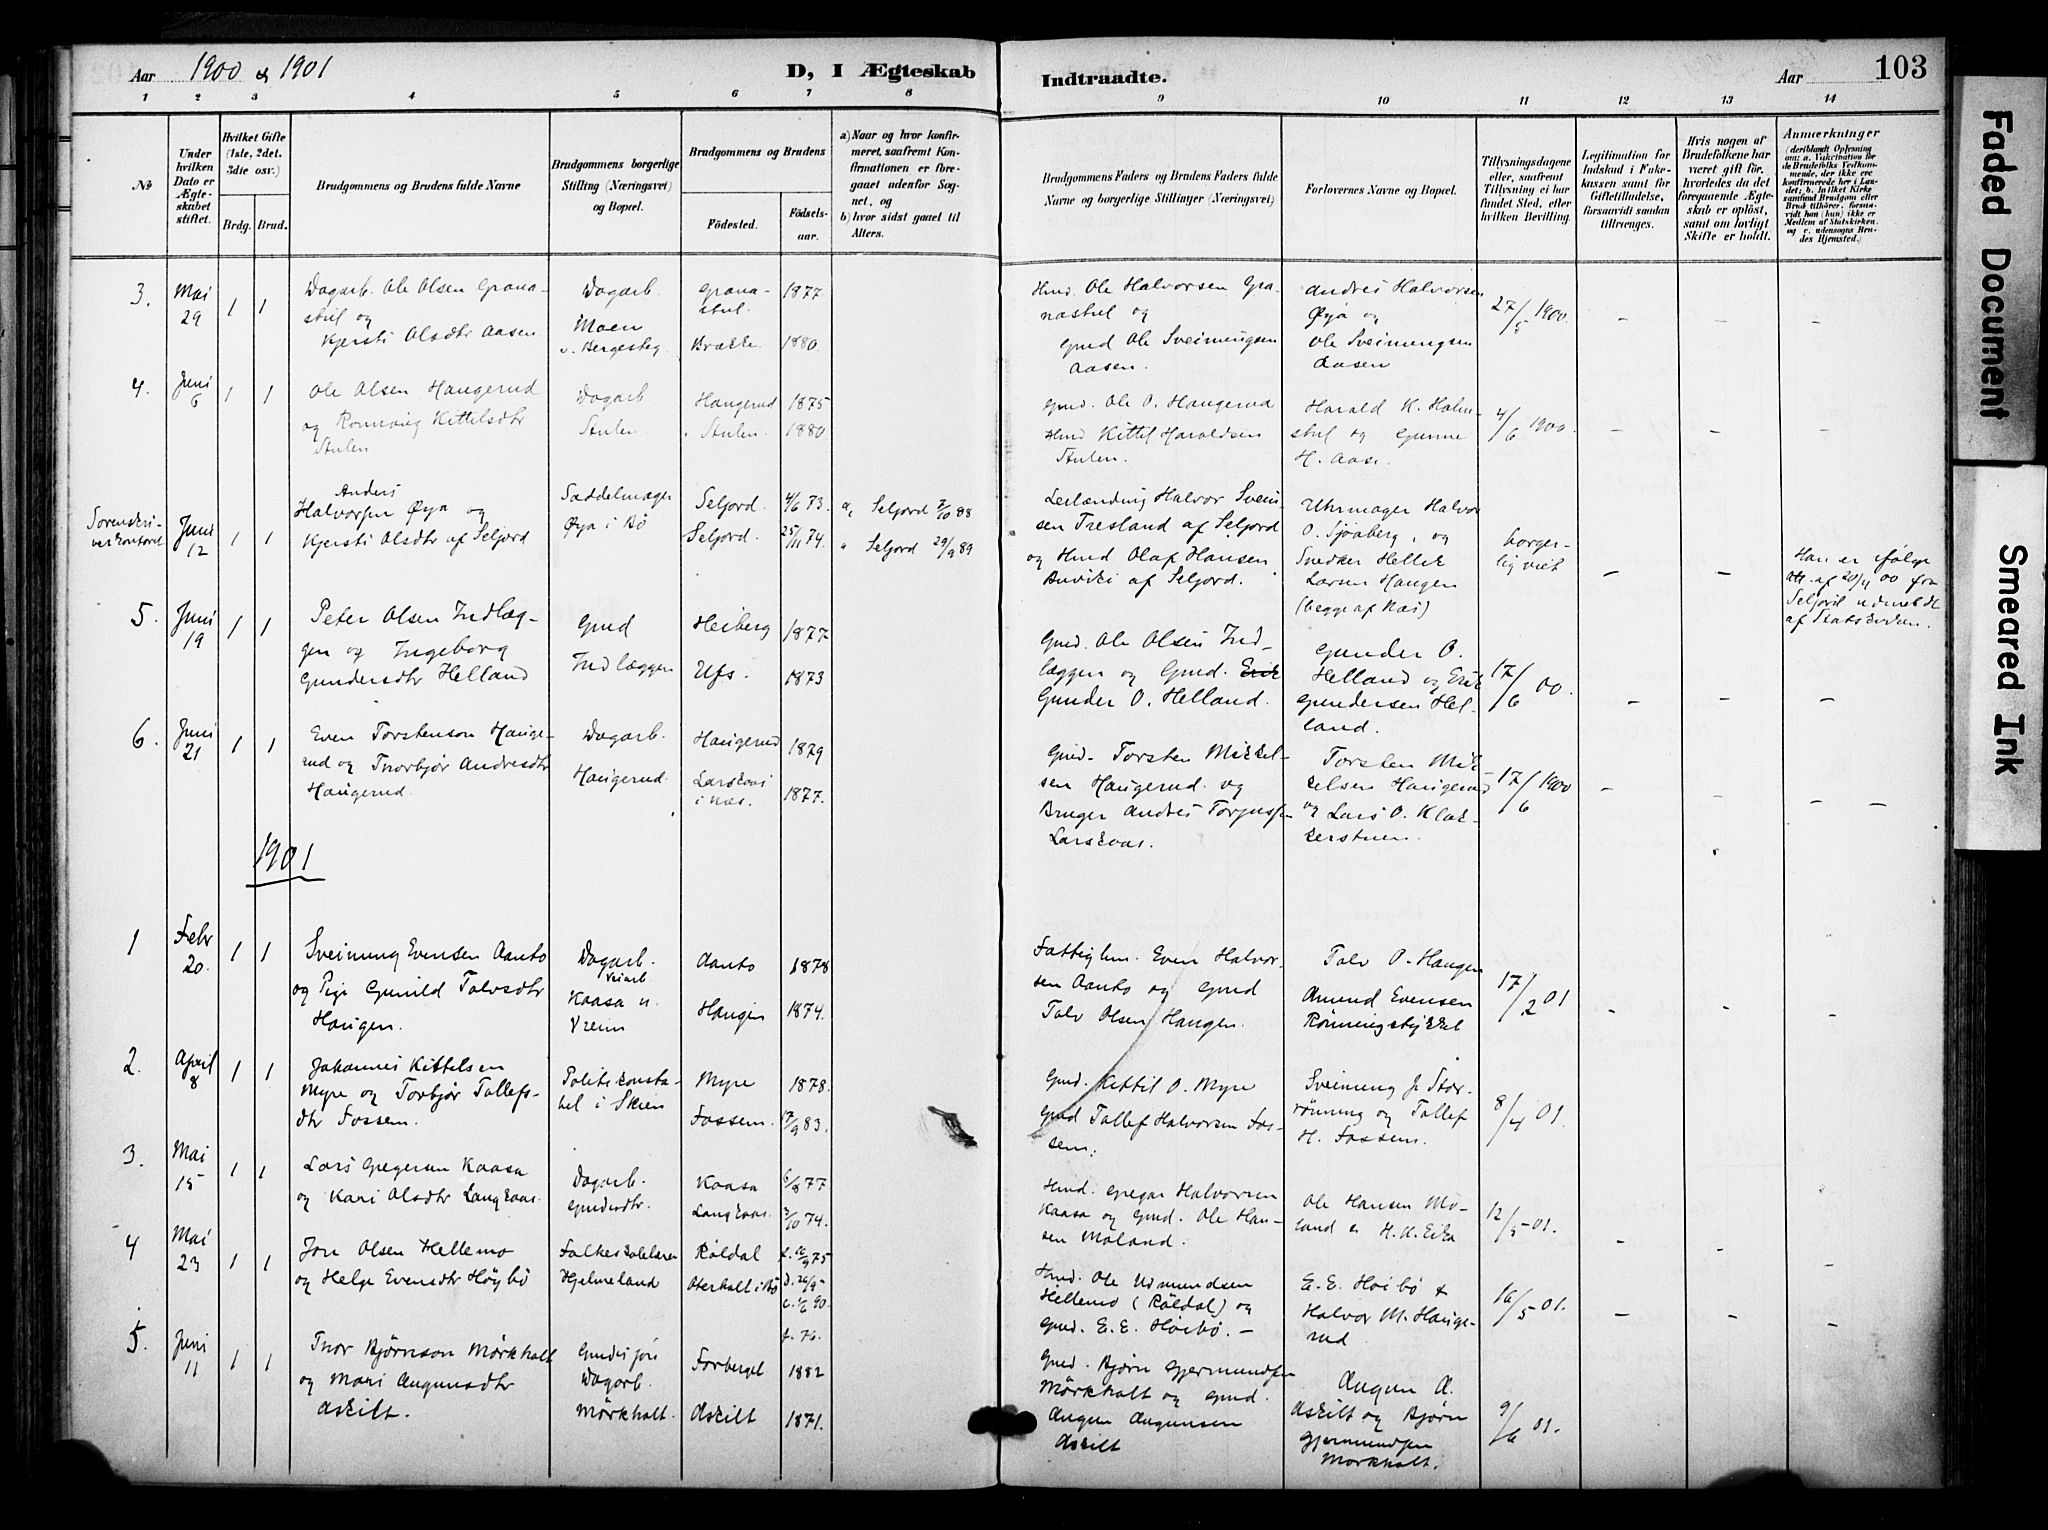 SAKO, Bø kirkebøker, F/Fa/L0012: Ministerialbok nr. 12, 1900-1908, s. 103